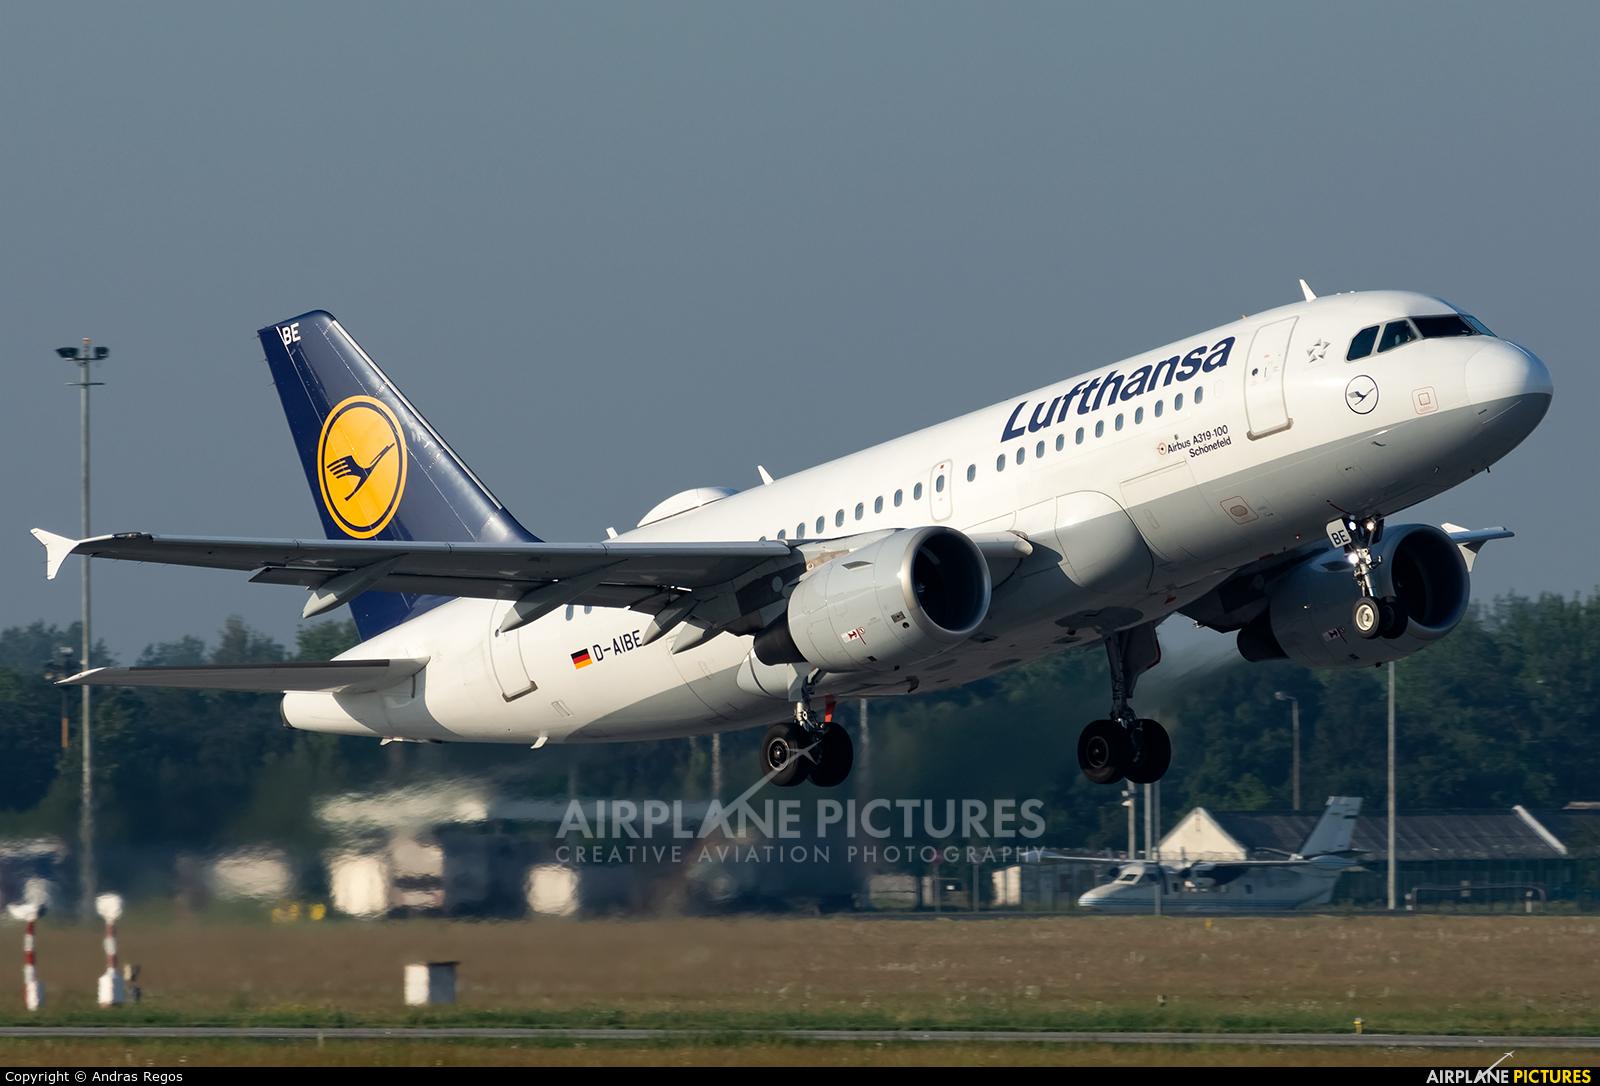 Lufthansa D-AIBE aircraft at Budapest Ferenc Liszt International Airport